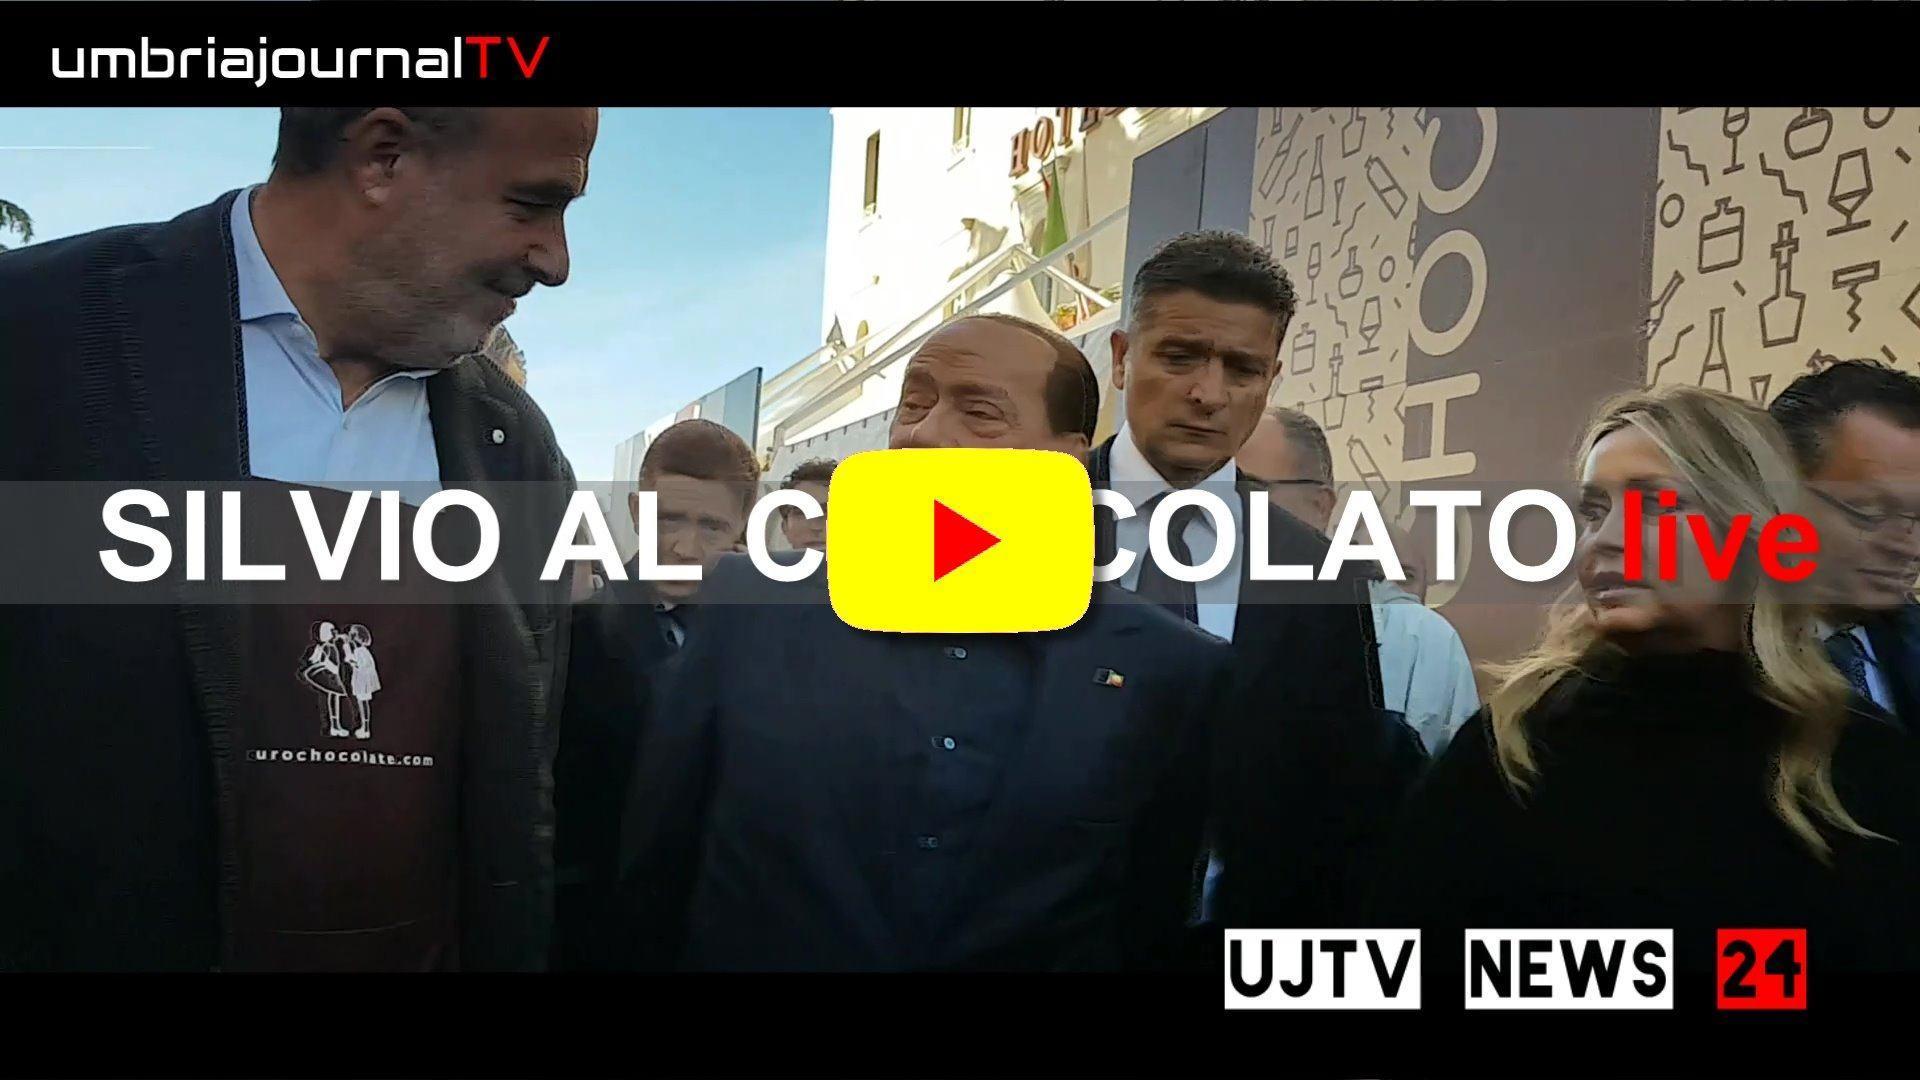 Ressa di giornalisti a Eurochocolate per visita Silvio Berlusconi tra gli stand